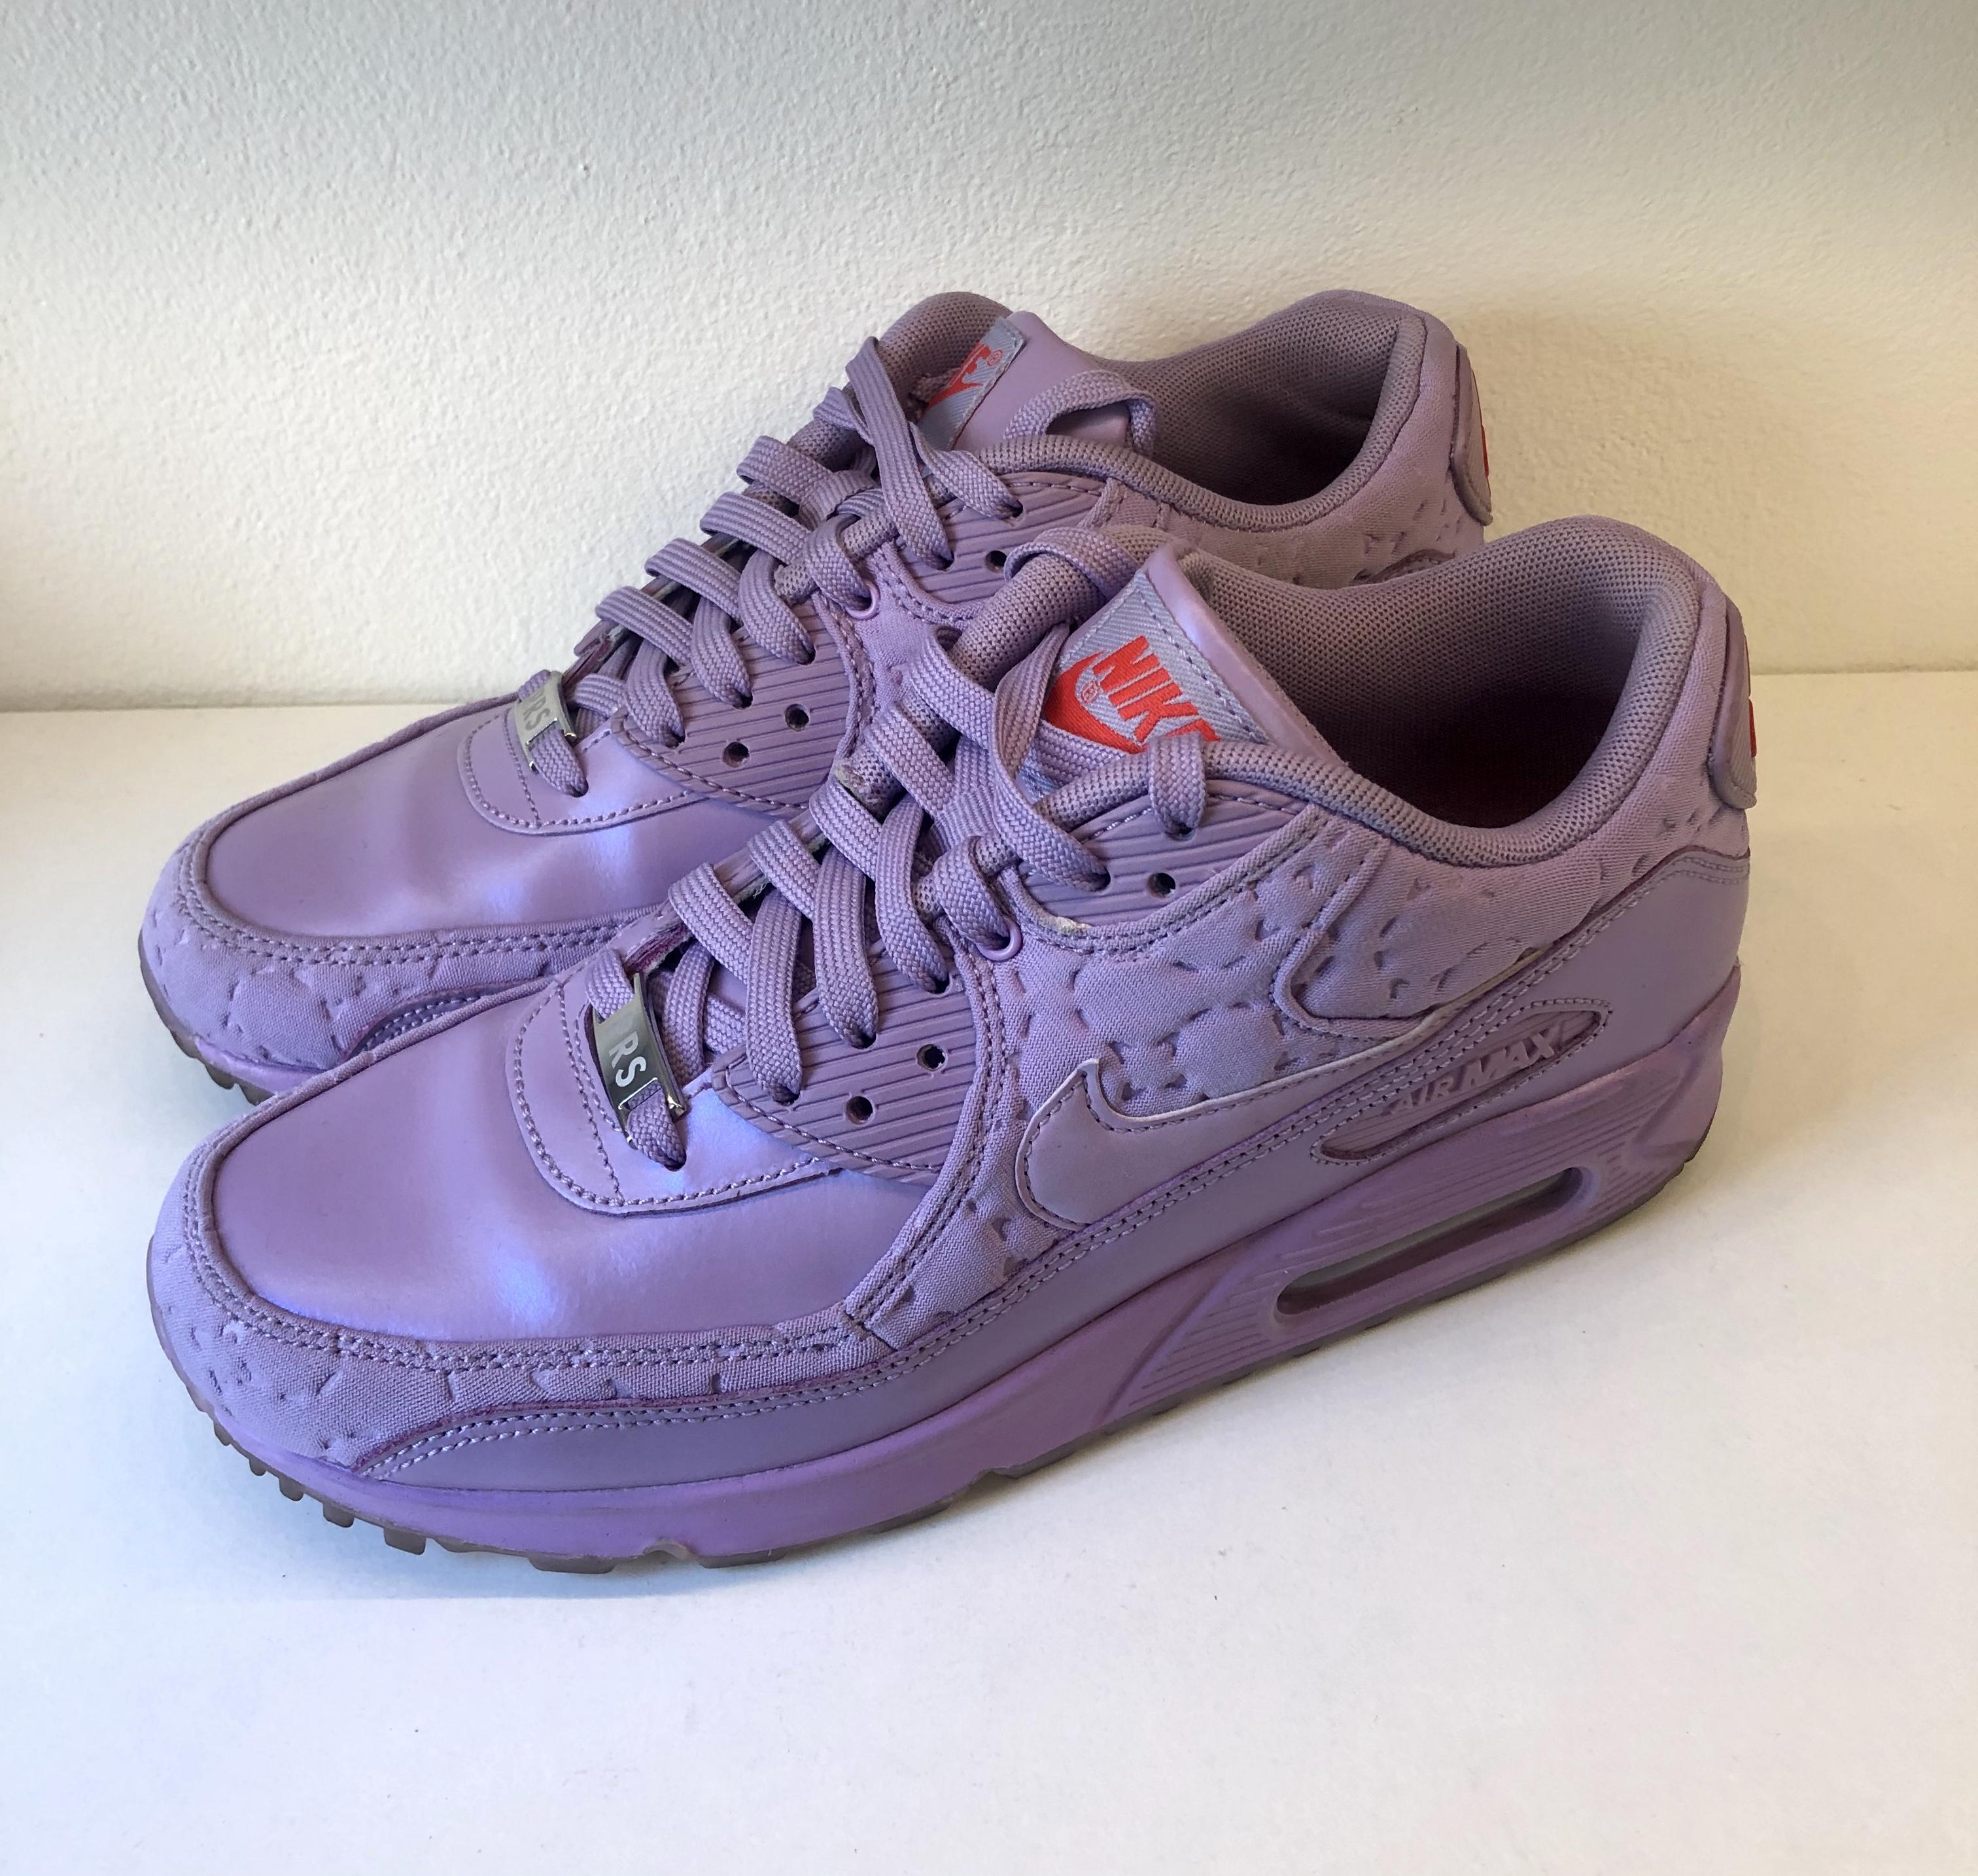 Nike Air Max 90 Macaroon